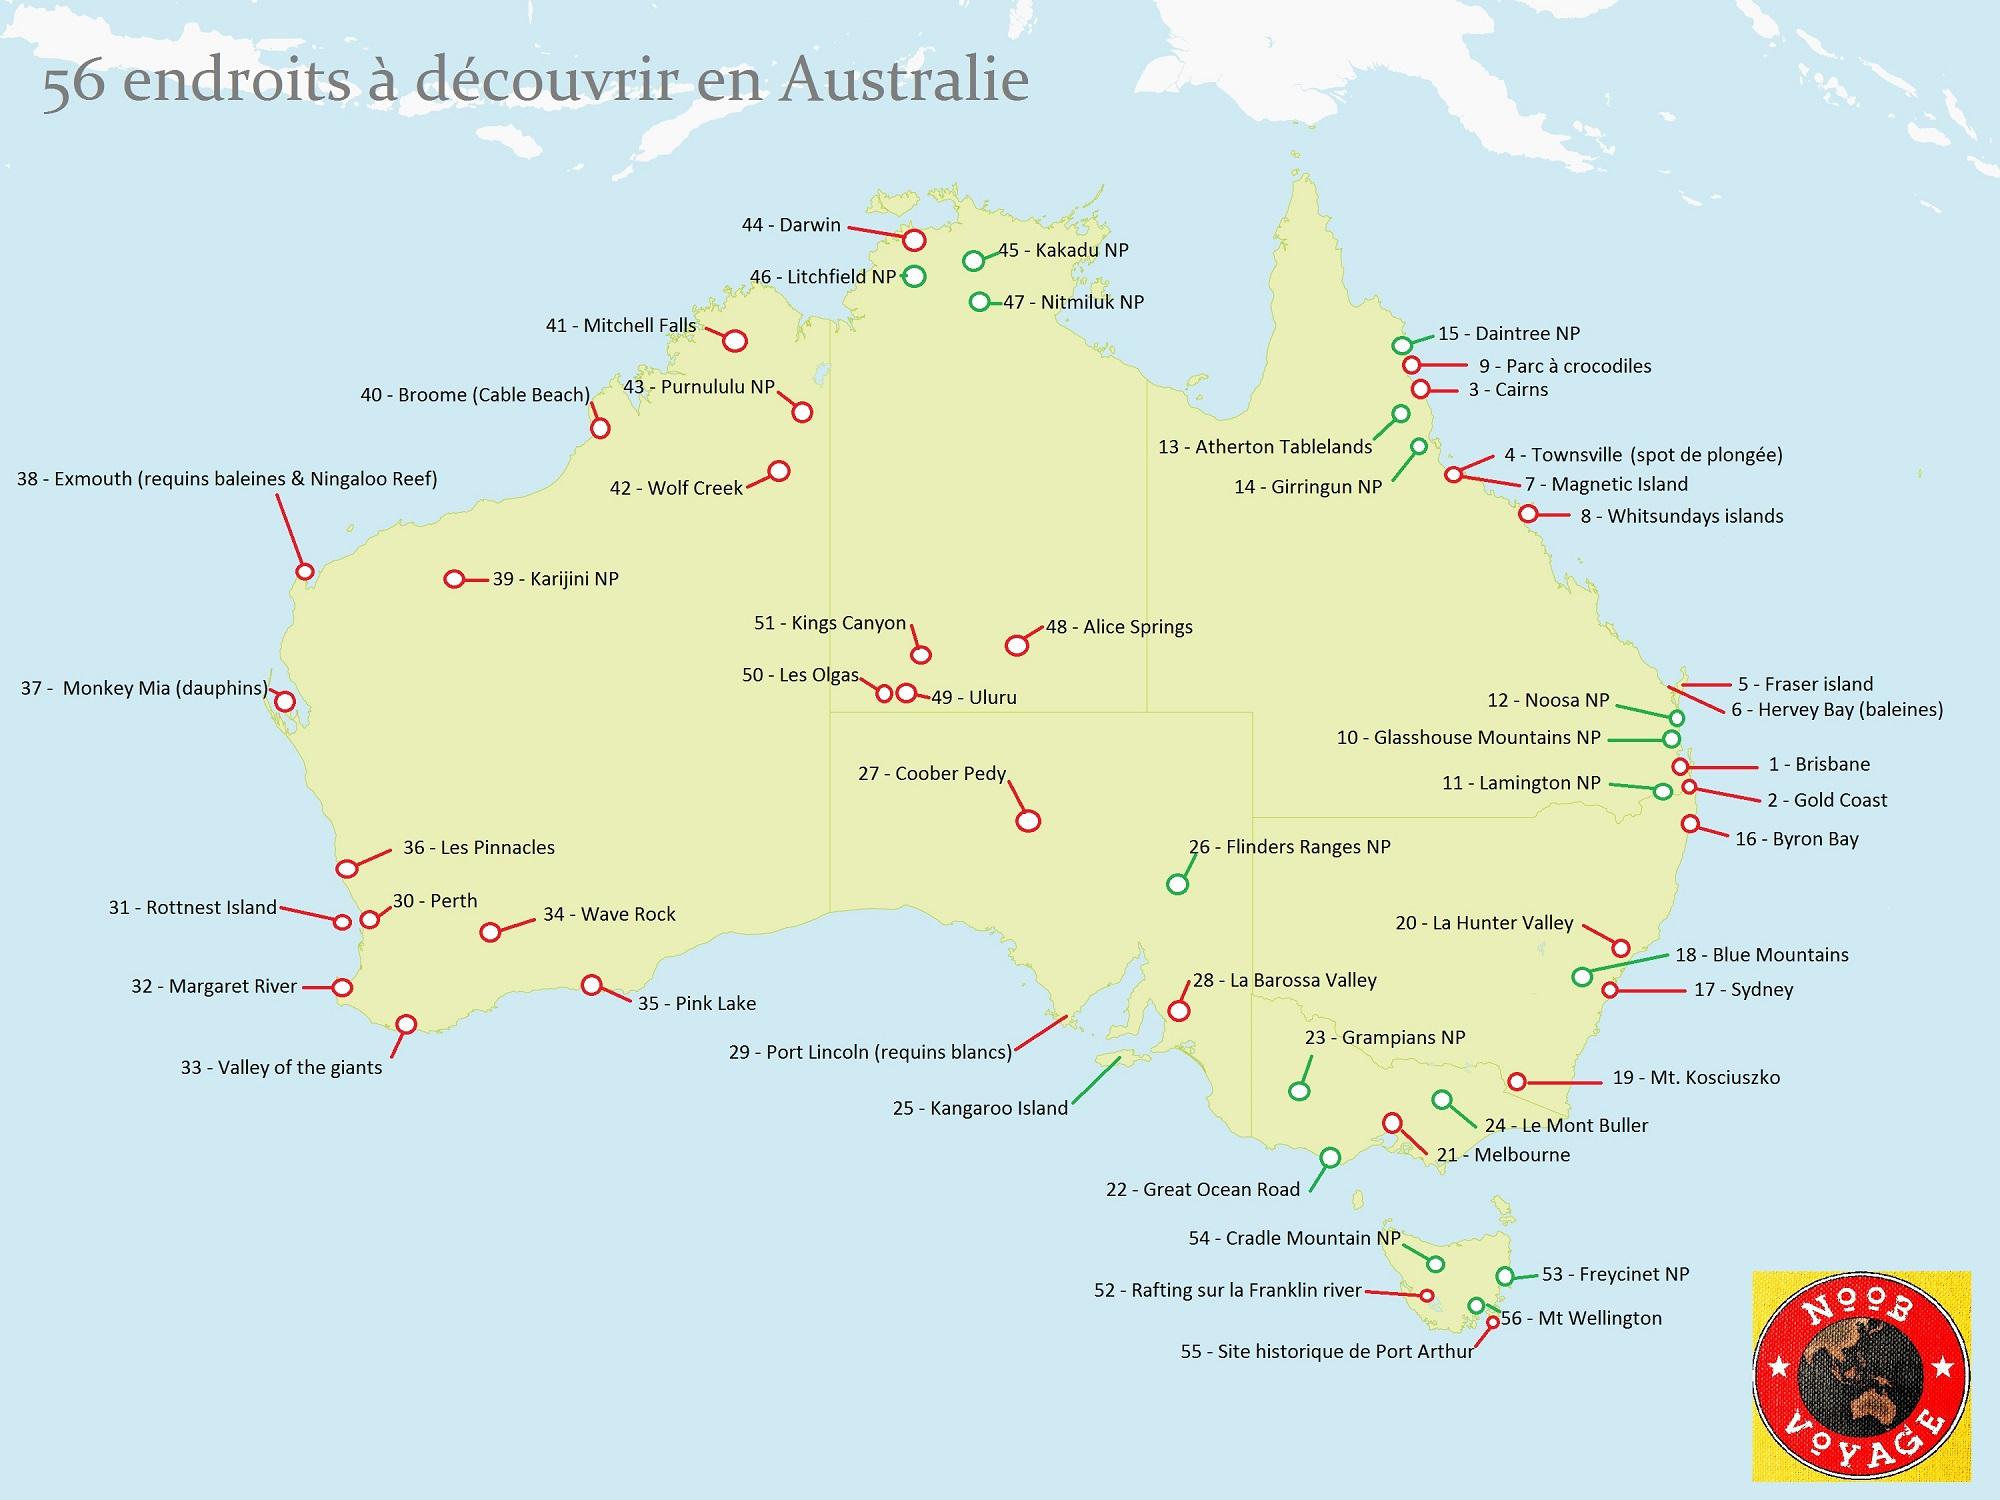 carte de l' australie détaillée à imprimer